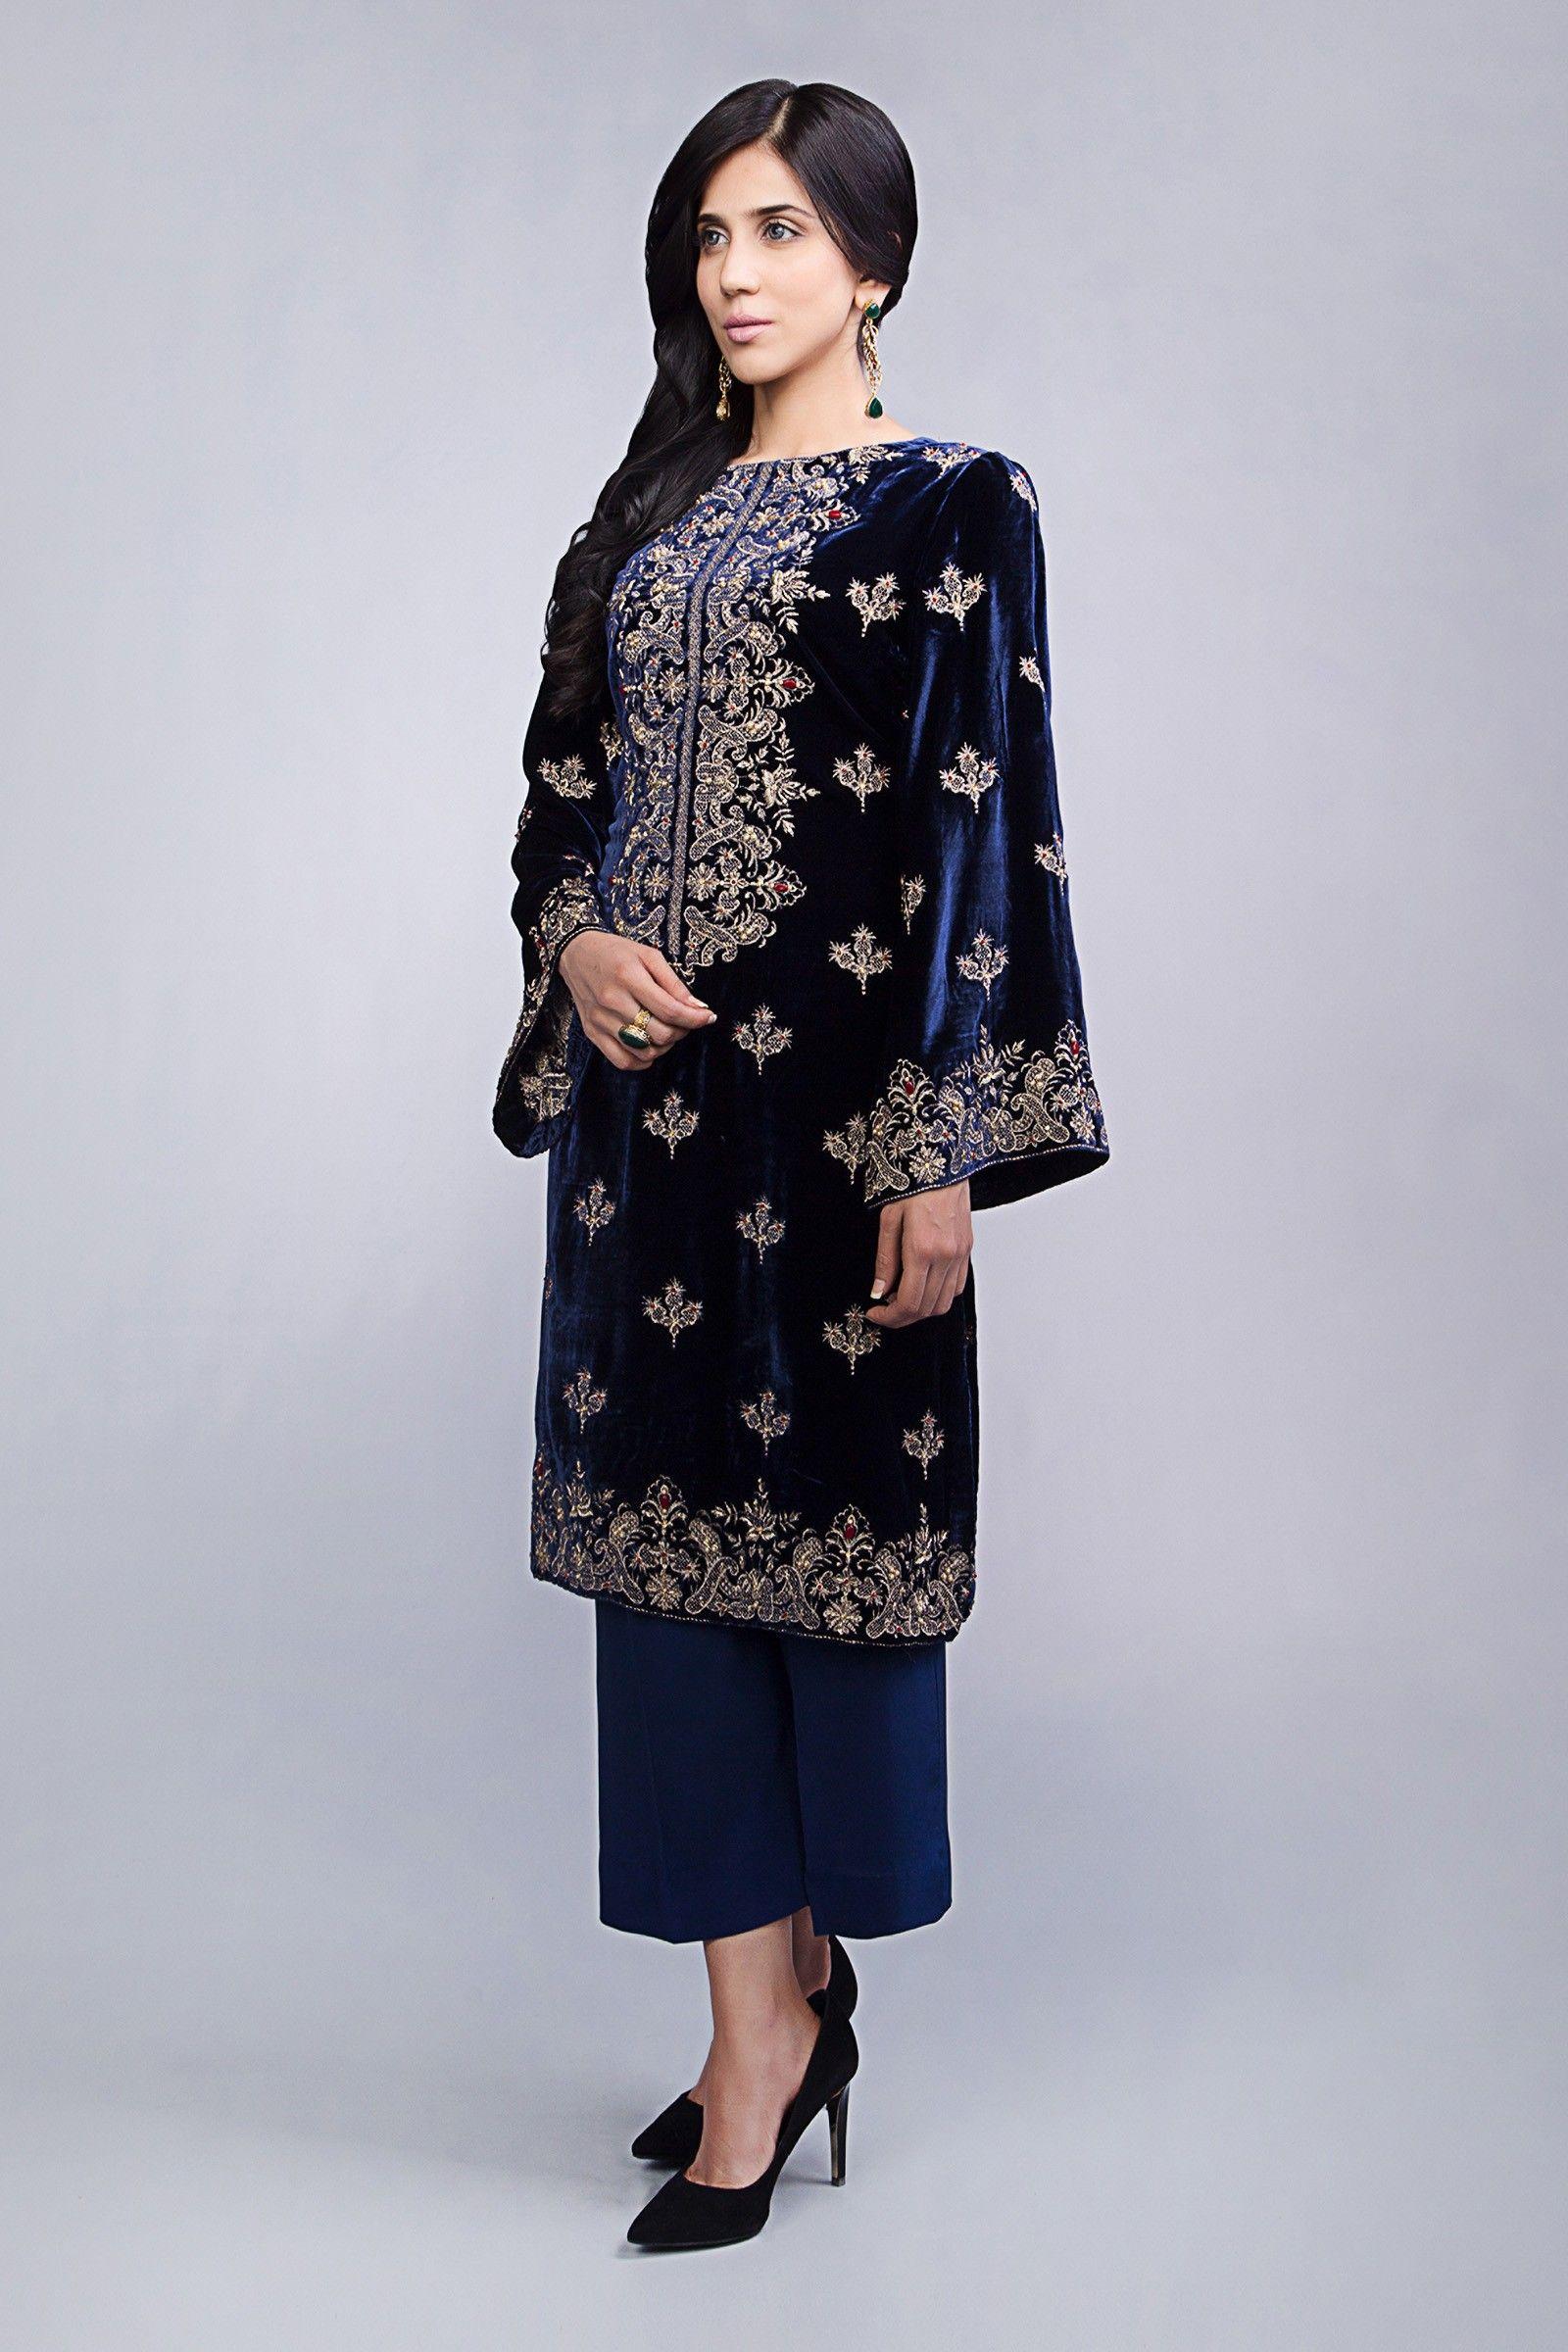 Pakistani salwar kameez Ready Made designer Velvet Suit  Embroidered 2019 3pc